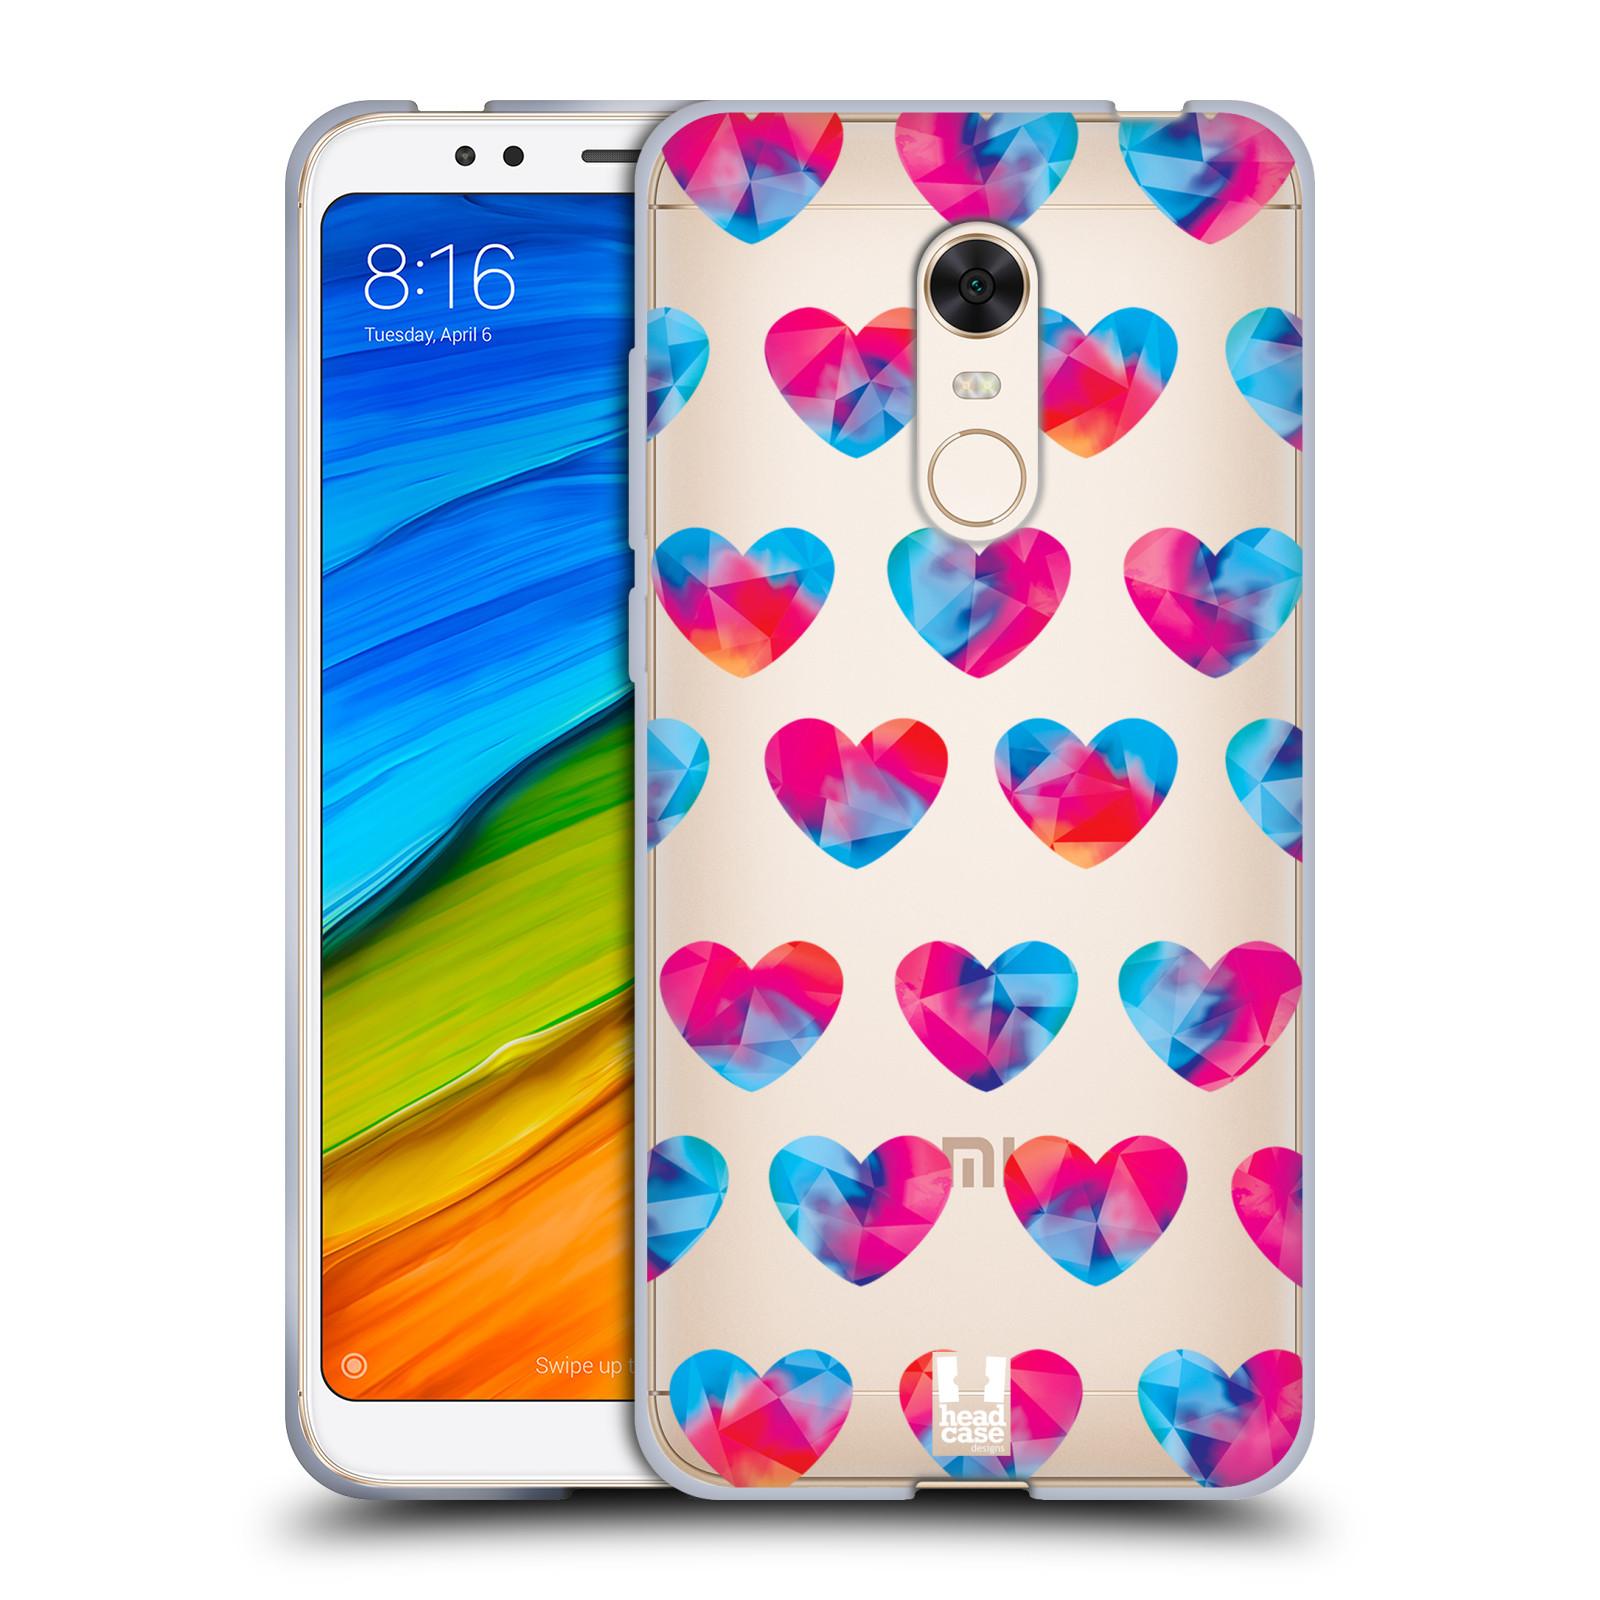 Silikonové pouzdro na mobil Xiaomi Redmi 5 Plus - Head Case - Srdíčka hrající barvami